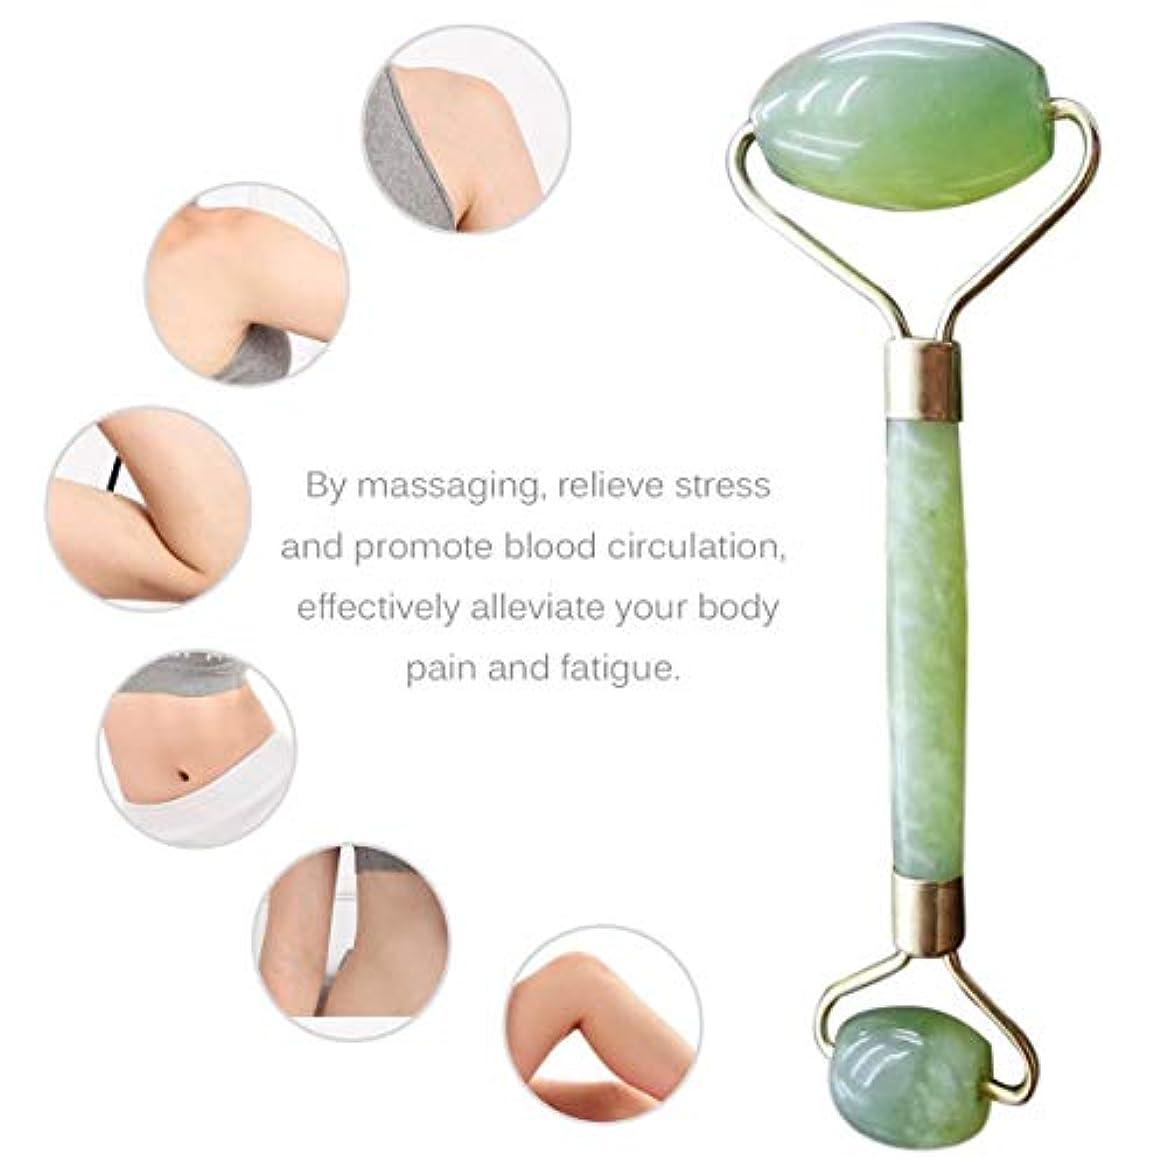 ギャンブル複製する深さDouble Heads Natural Jade Face Care Massager Handheld Anti Wrinkle Healthy Face Body Foot Massage Tools Best Gift